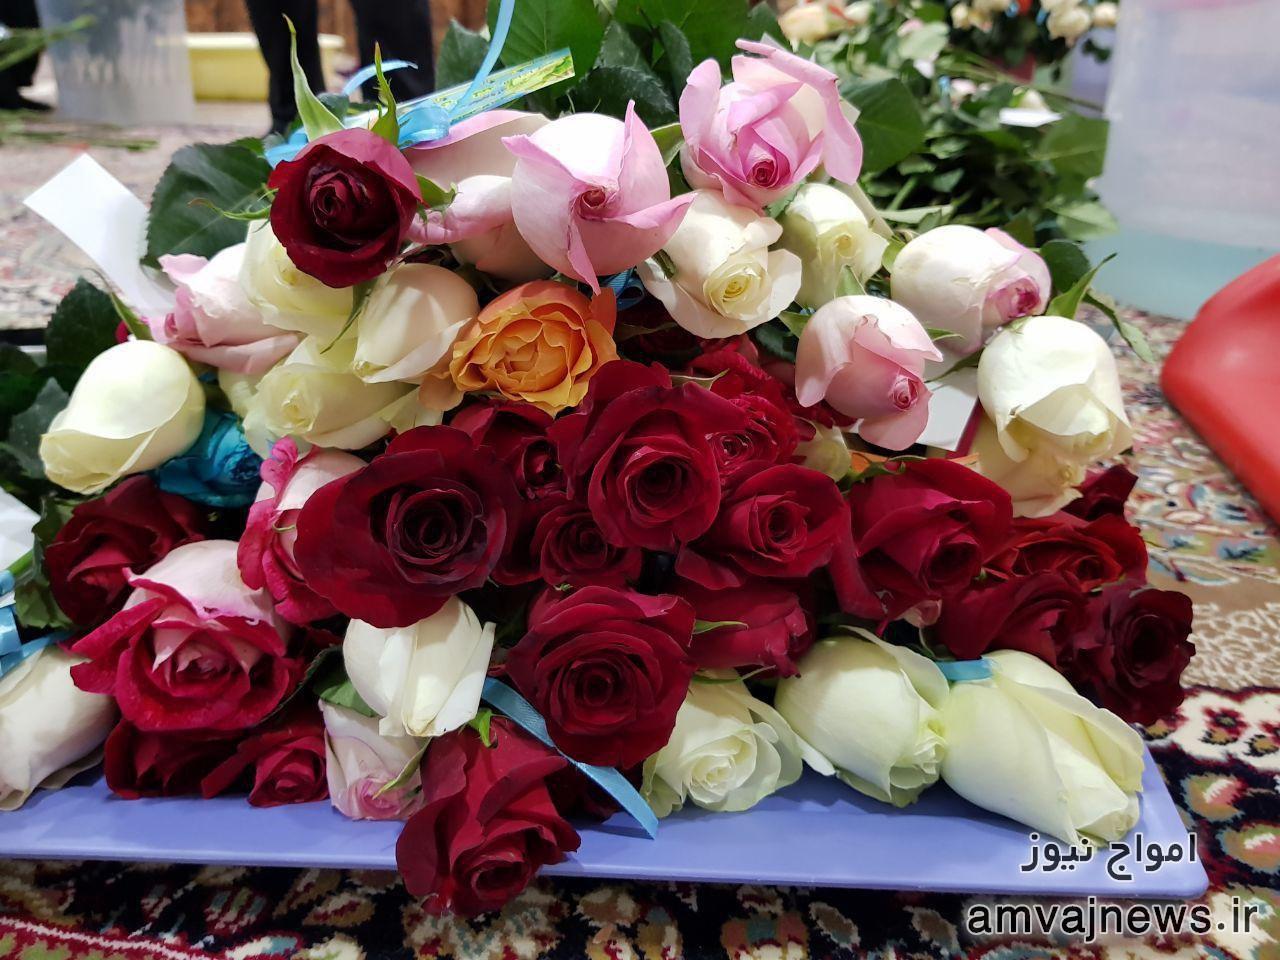 اهدا ۶۷۰ شاخه گل رز طبیعی به مردم به مناسبت آغاز امامت مهدی صاحب زمان